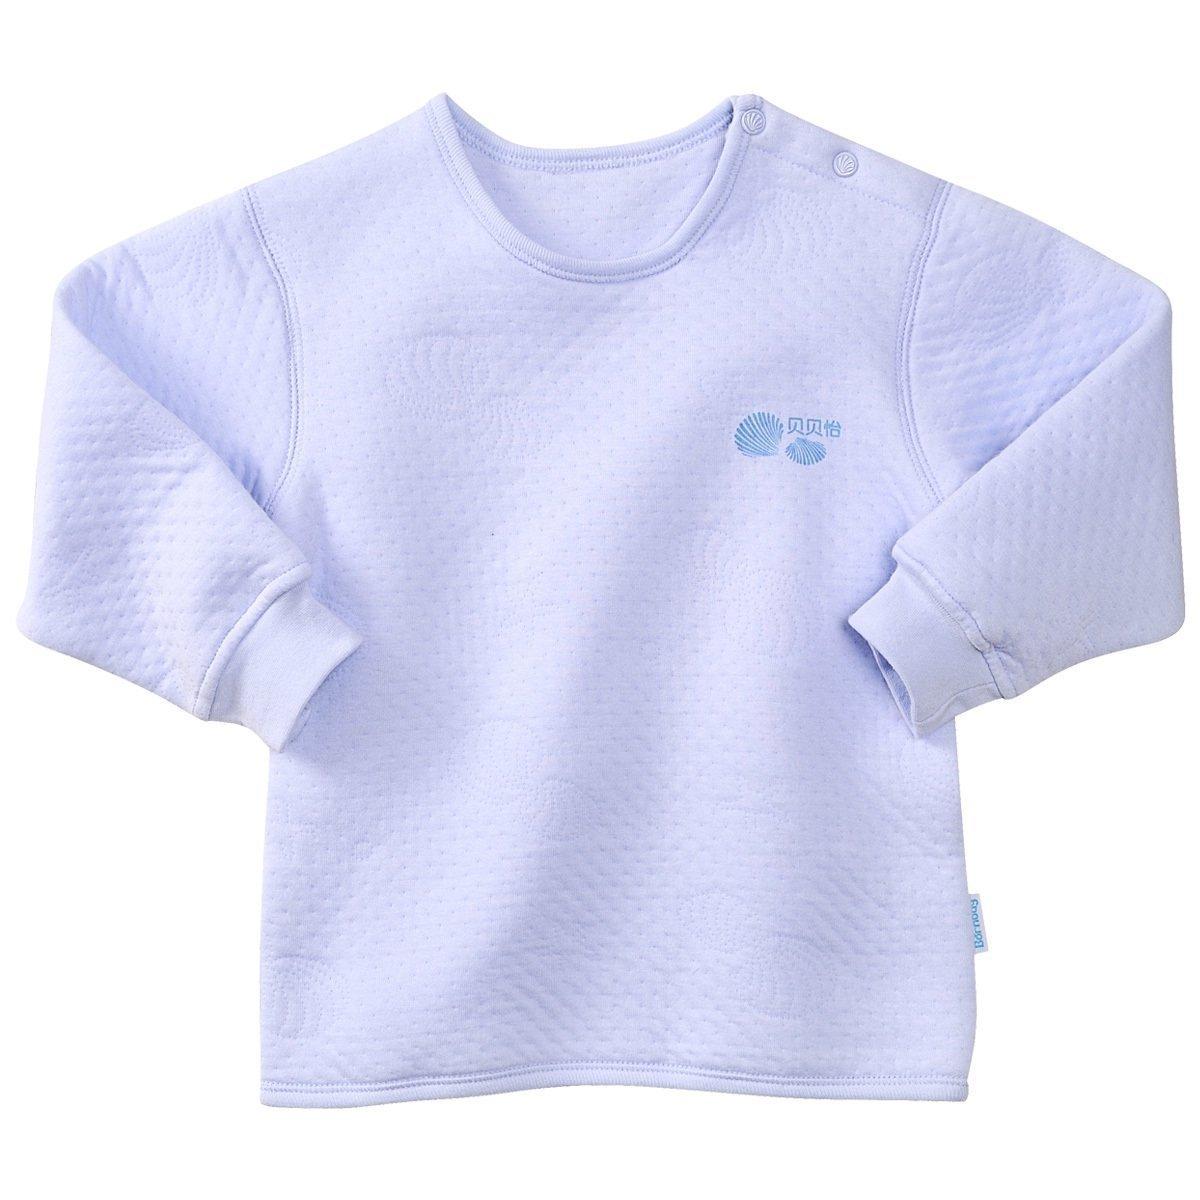 贝贝怡男童女宝宝内衣纯棉加厚夹棉0秋冬2婴儿保暖上衣单件1-3岁